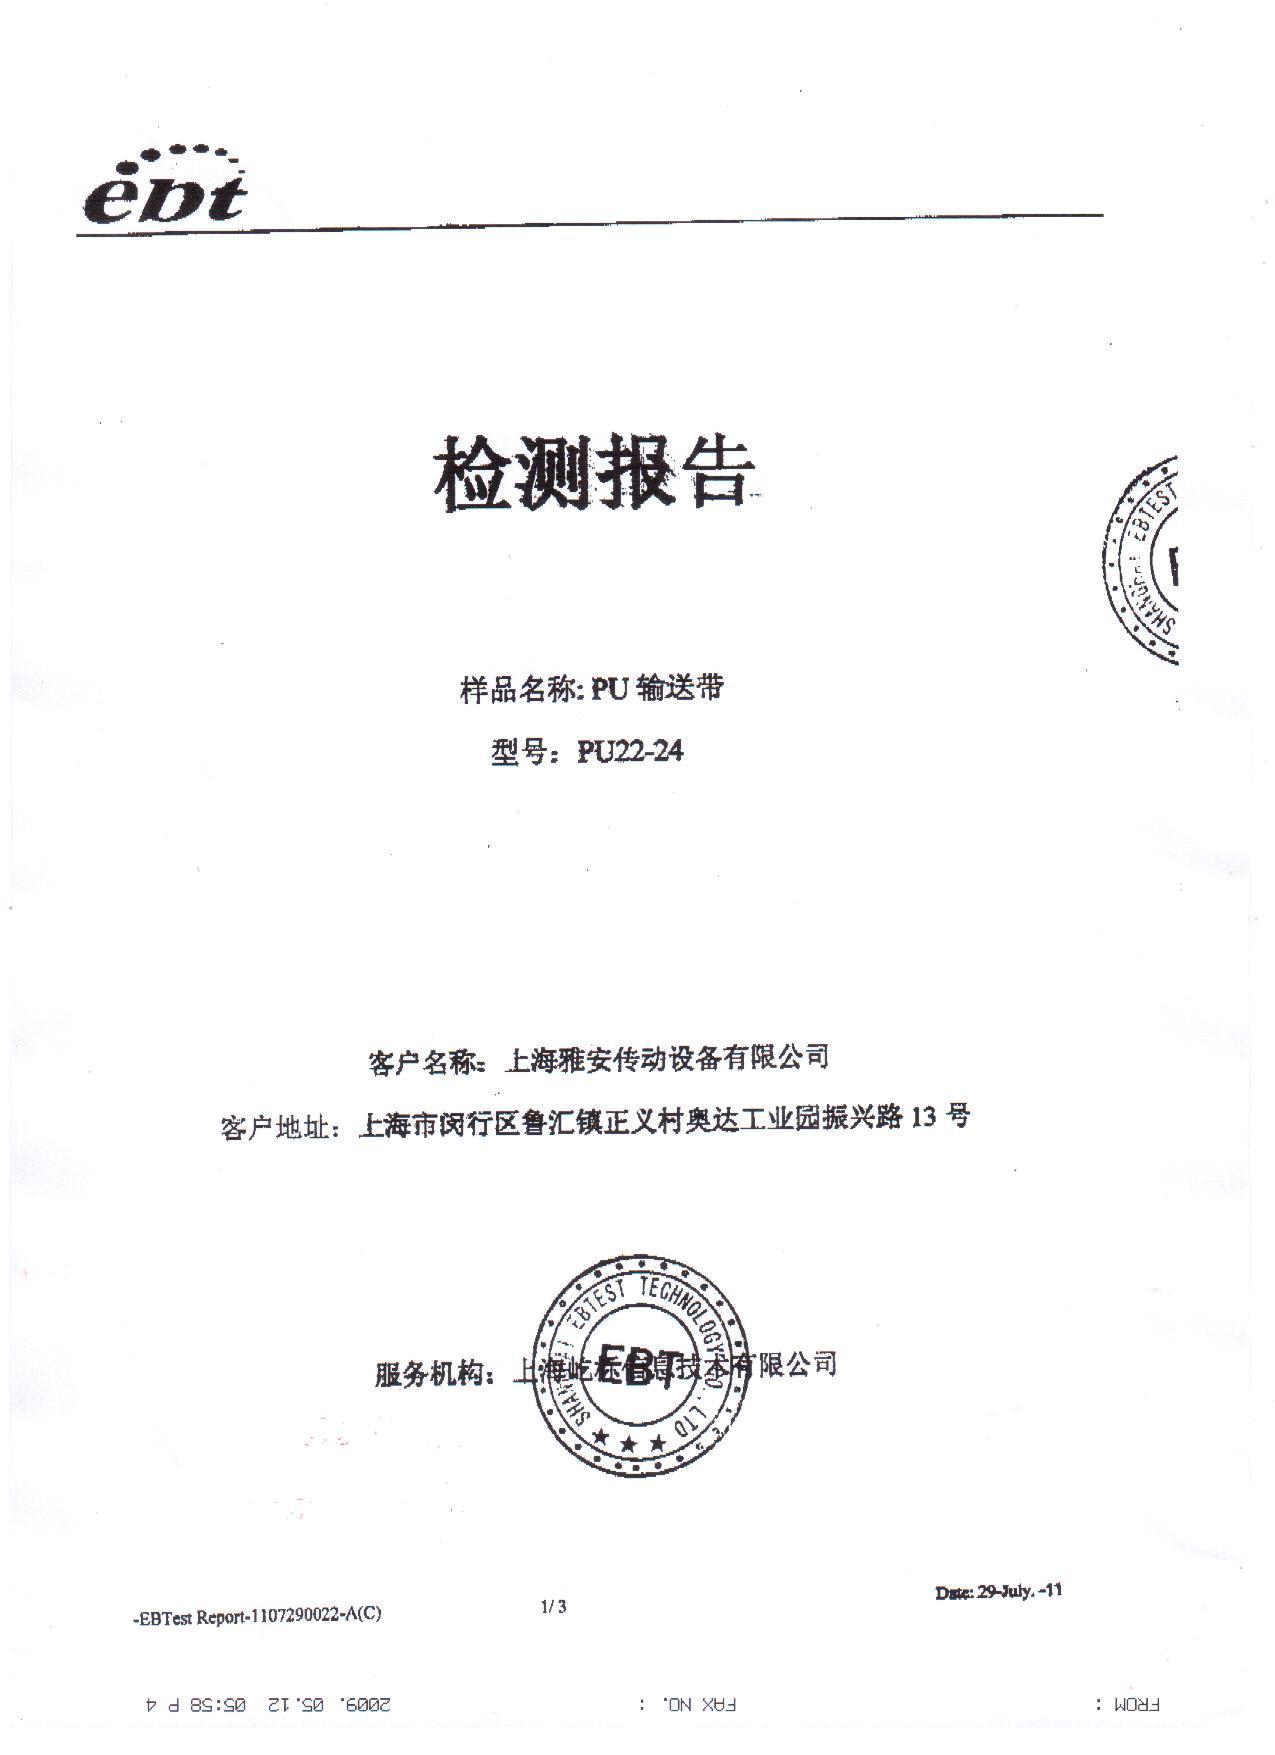 有關PU皮帶合作供應商送檢報告1